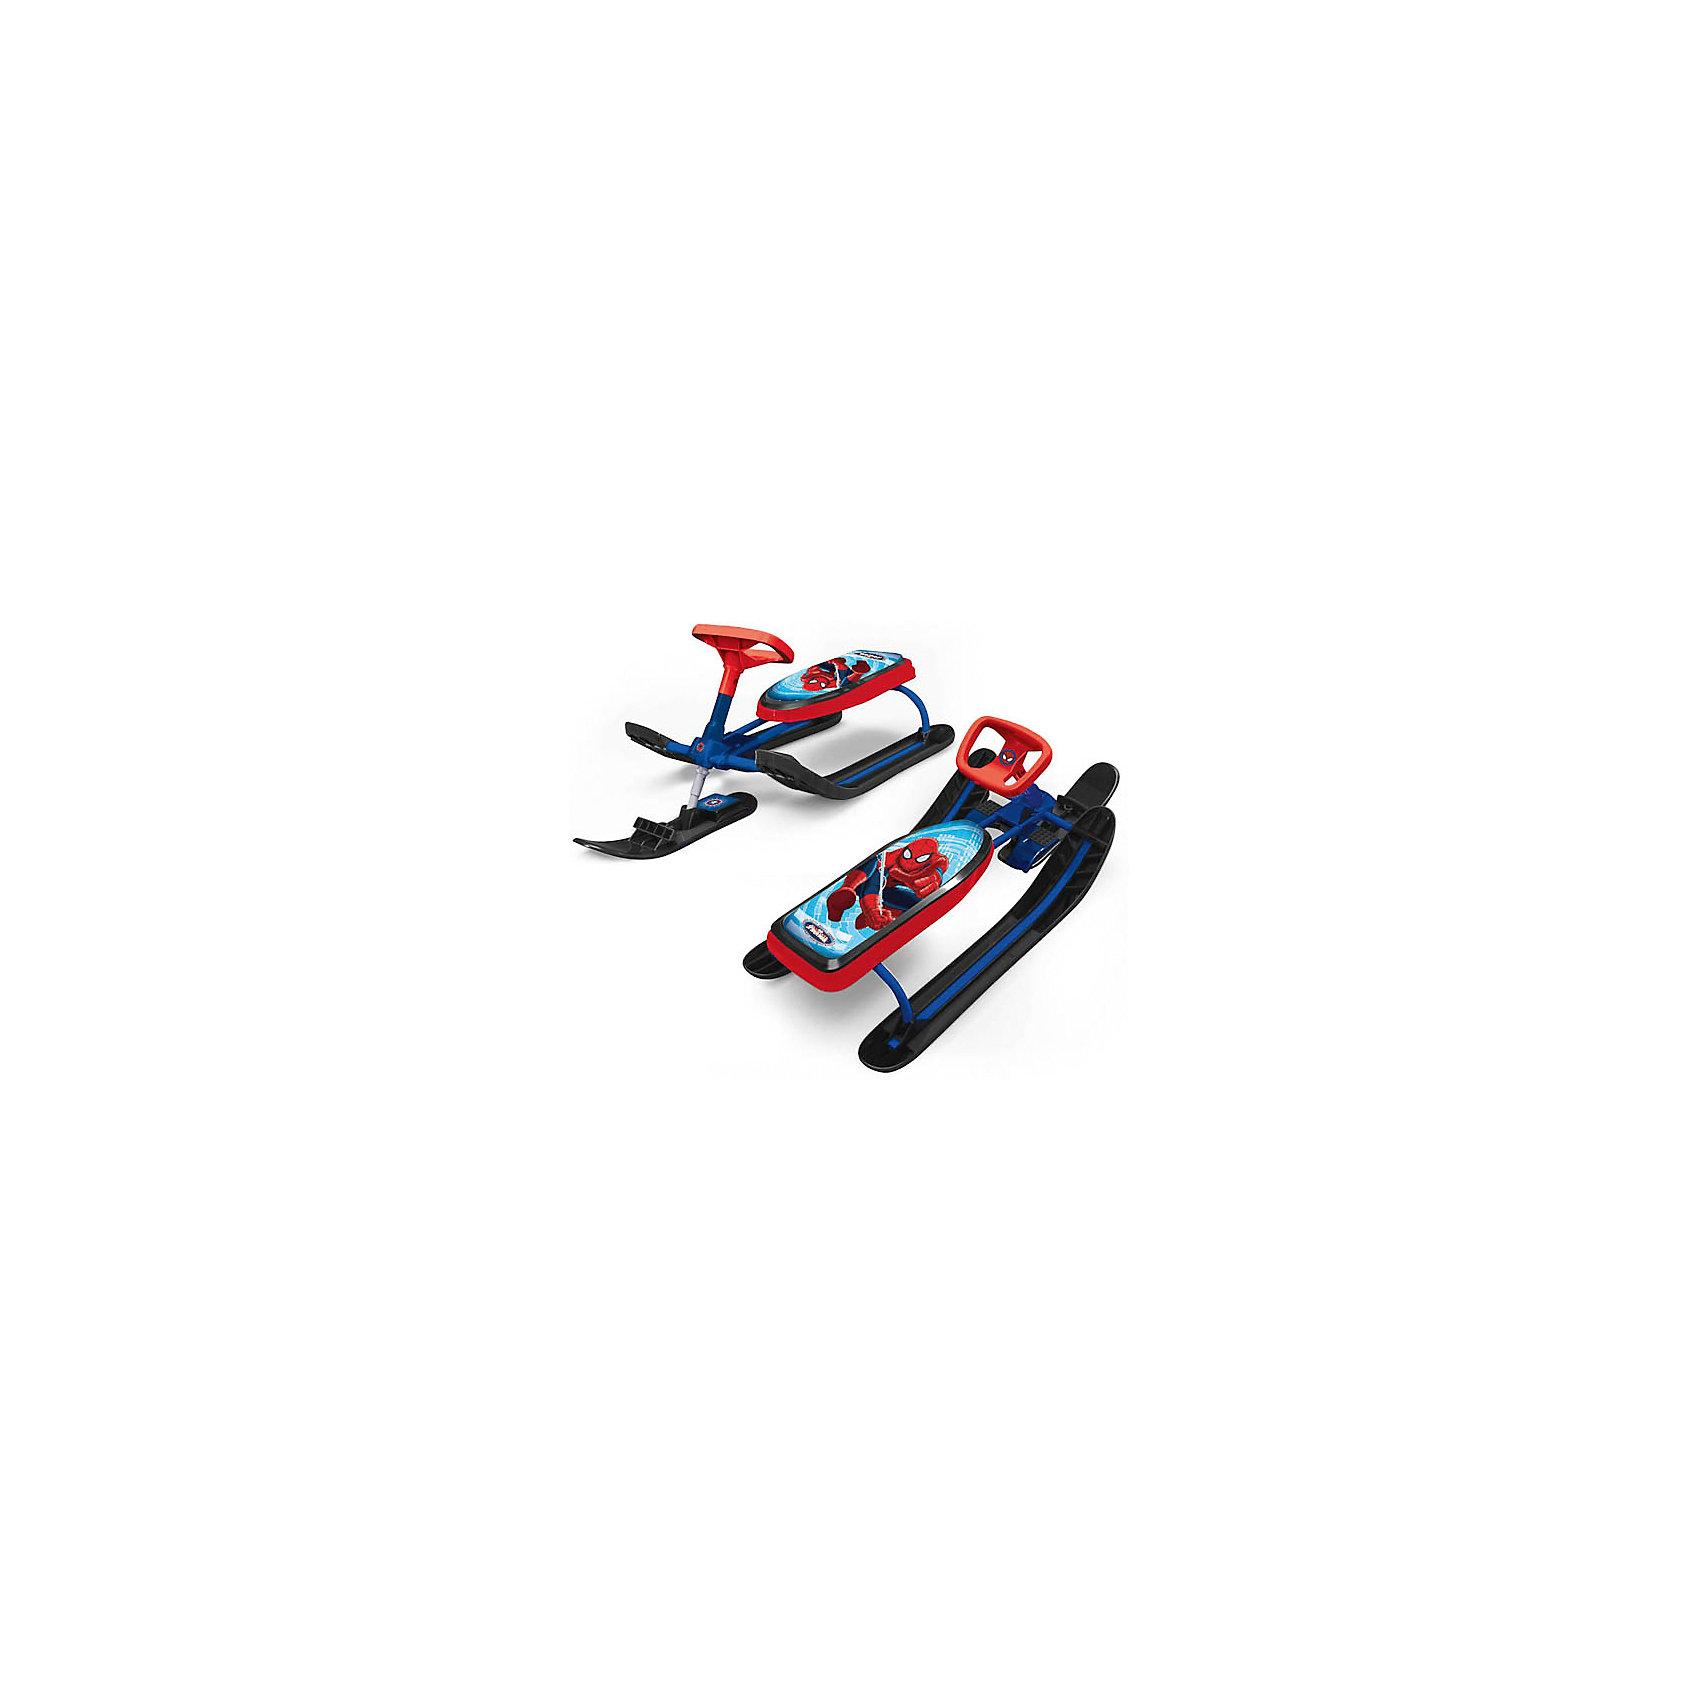 Снегокат Marvel. Человек-паукСнегокат детский в дизайне популярных героев Marvel. Spider-Man рама - синяя. Руль и окантовка сиденья - красные, лыжи - черные. Снегокат имеет передний амортизатор, что позволяет преодолевать небольшие преграды, ножной тормоз. А так же снегокат снабжен веревкой для катания детей с автомотической катушкой.<br><br>Ширина мм: 440<br>Глубина мм: 510<br>Высота мм: 1160<br>Вес г: 8350<br>Возраст от месяцев: 36<br>Возраст до месяцев: 84<br>Пол: Мужской<br>Возраст: Детский<br>SKU: 5103186